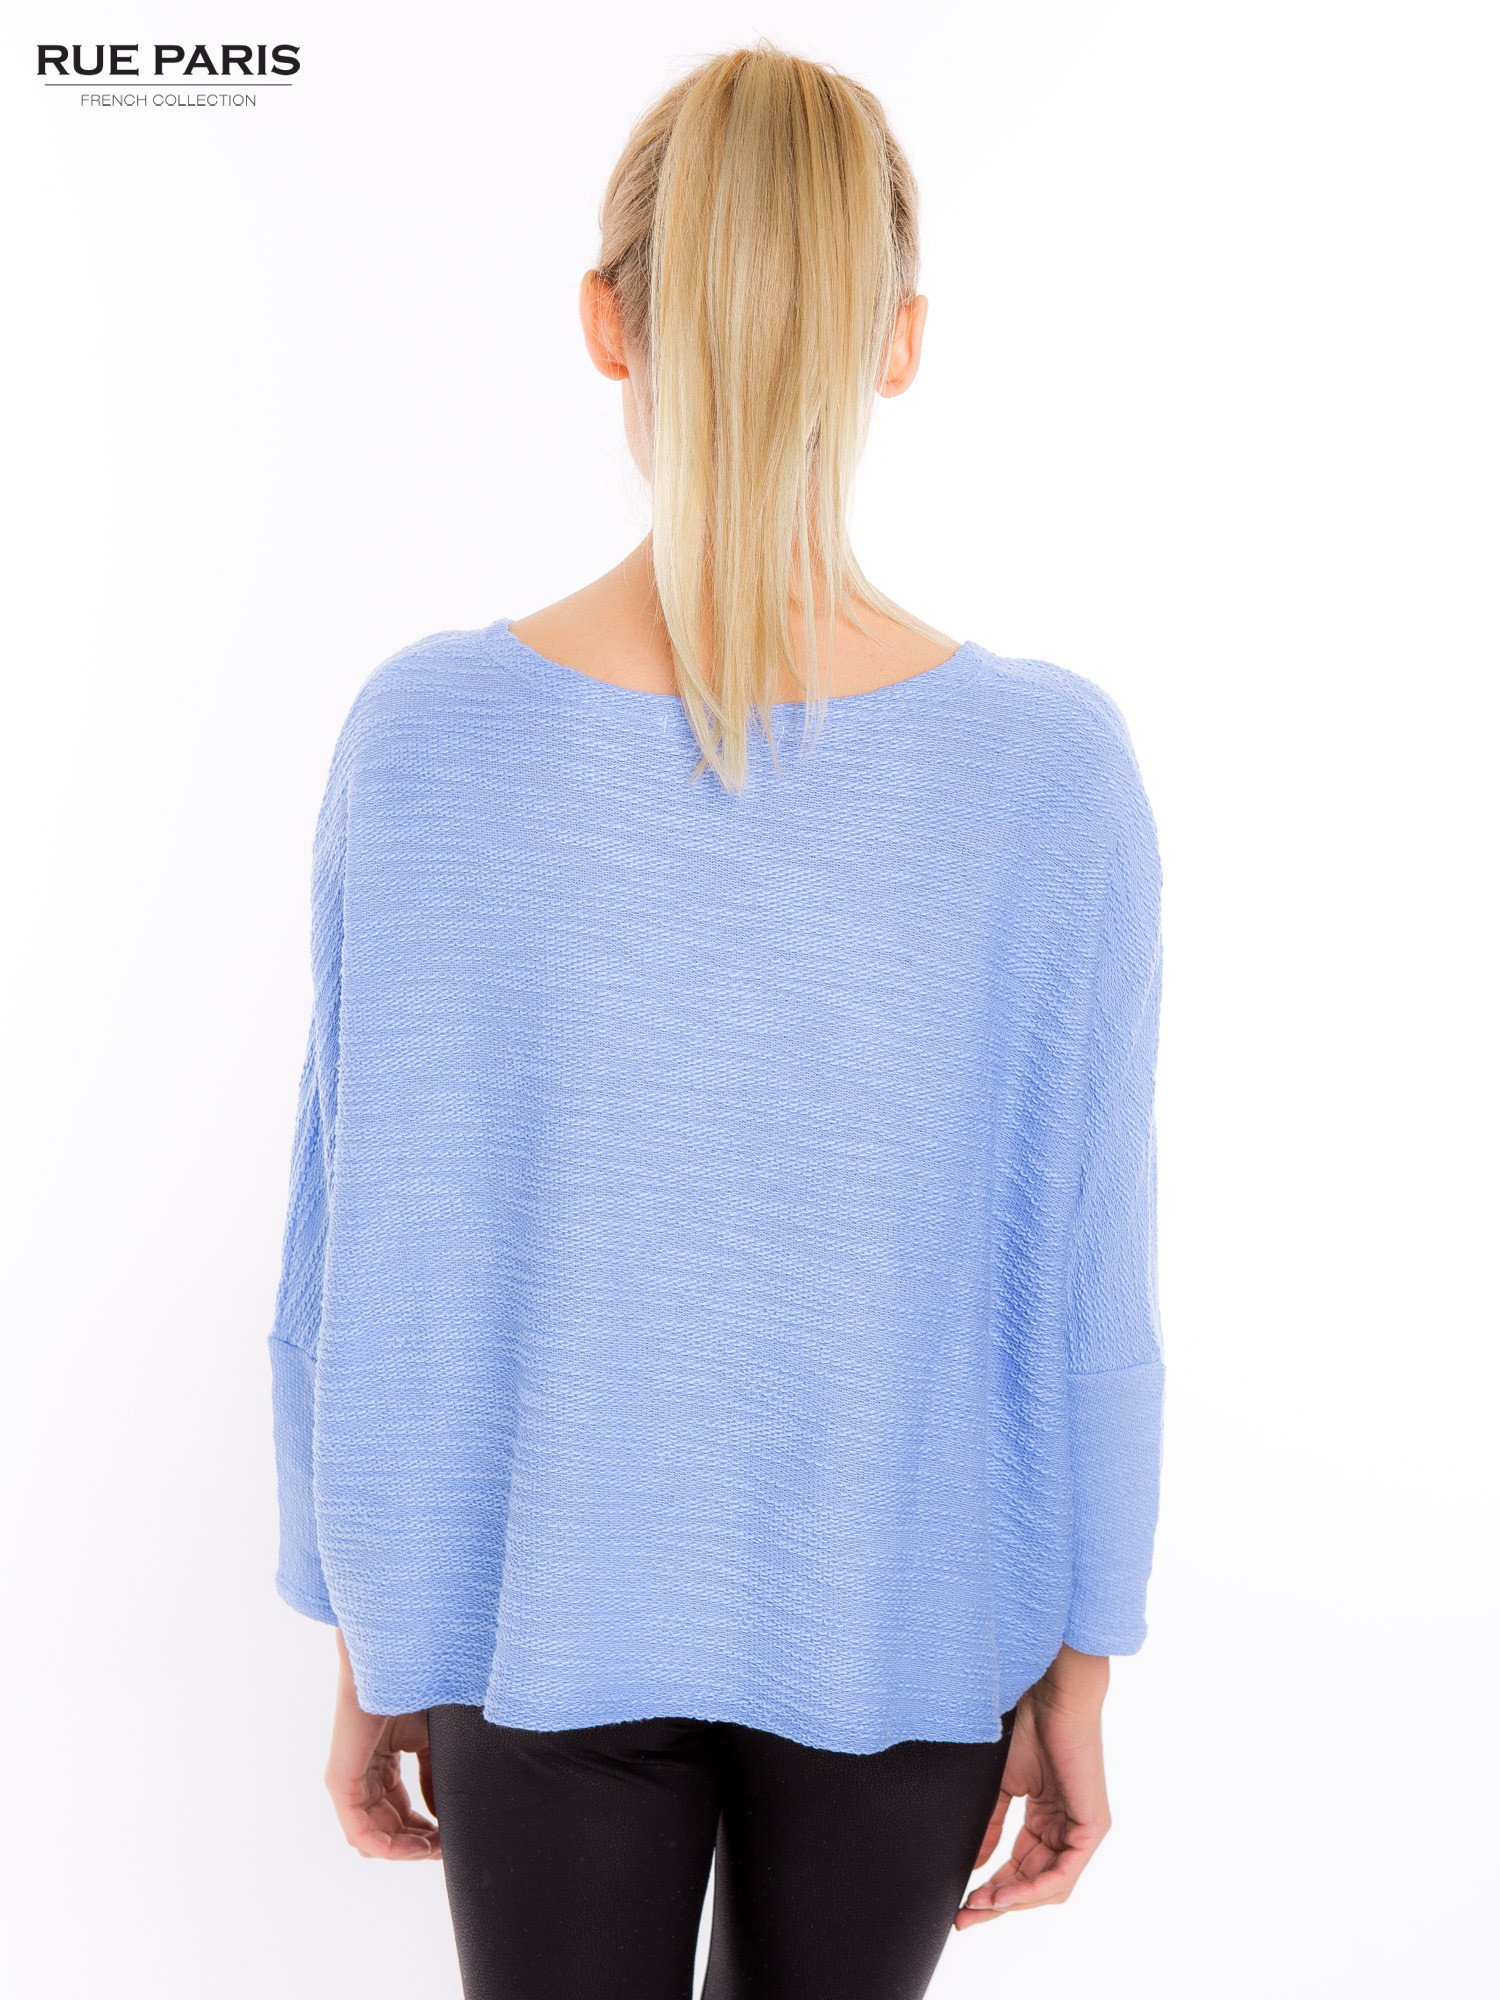 Bluzka o luźnym kroju w kolorze baby blue                                  zdj.                                  3